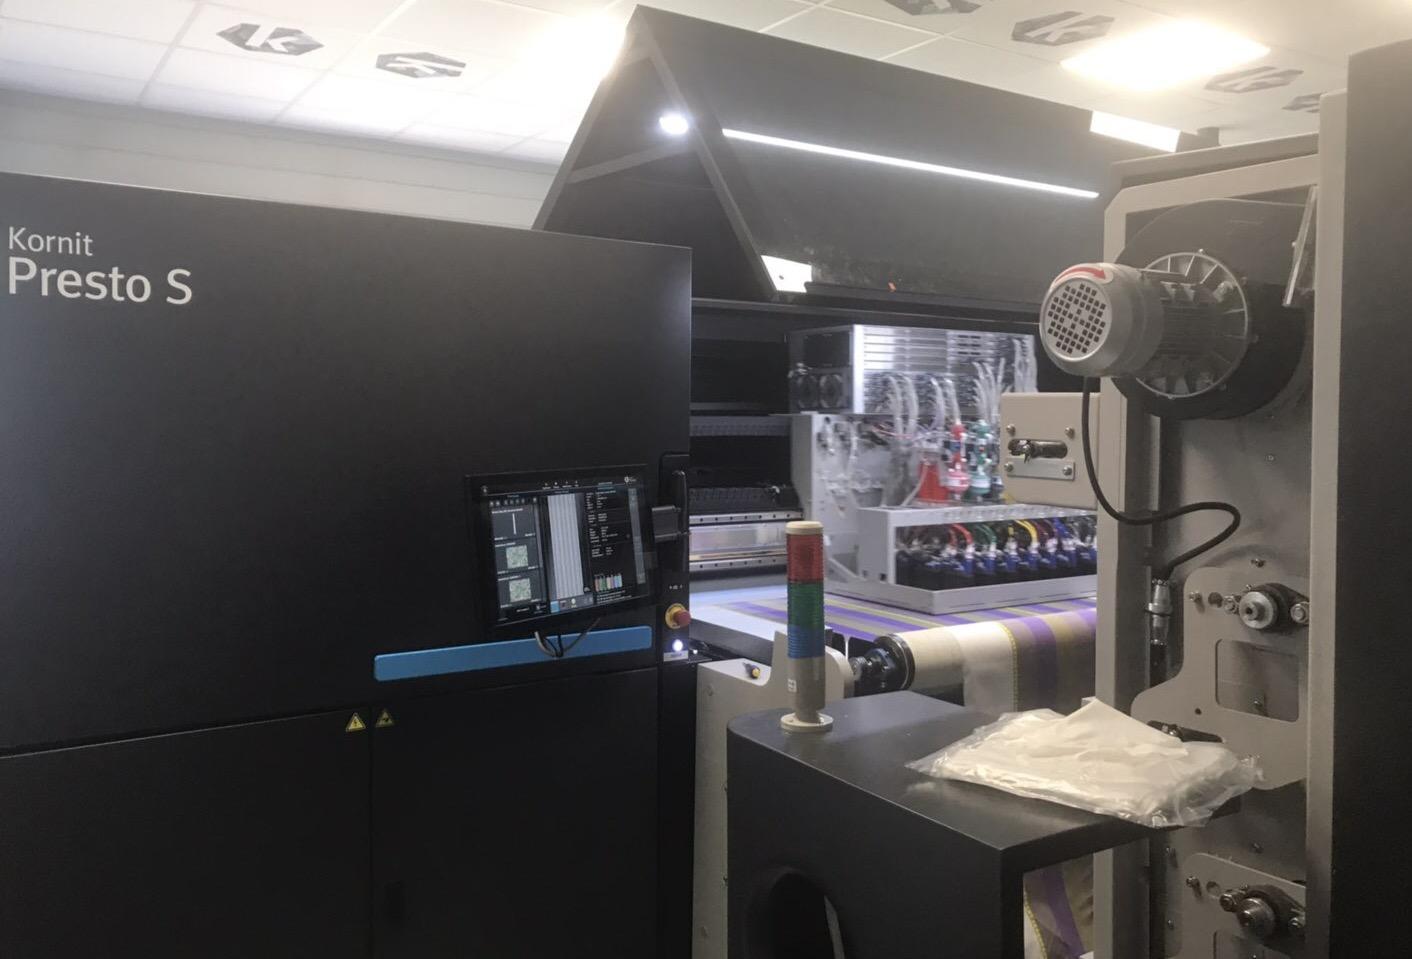 La société Brodelec s'est équipée d'une machine d'impression numérique textile Kornit Presto S.